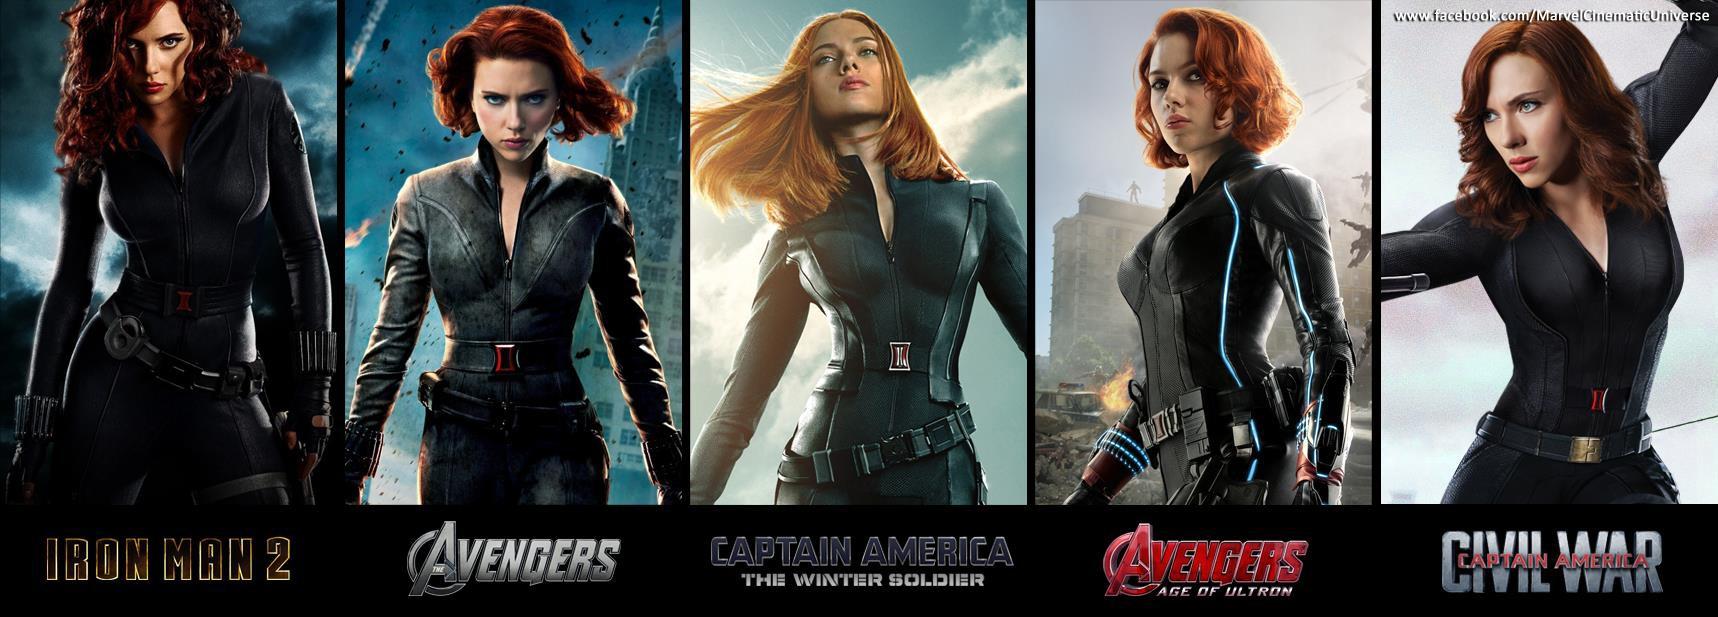 Black Widow trong màu tóc đỏ đặc trưng